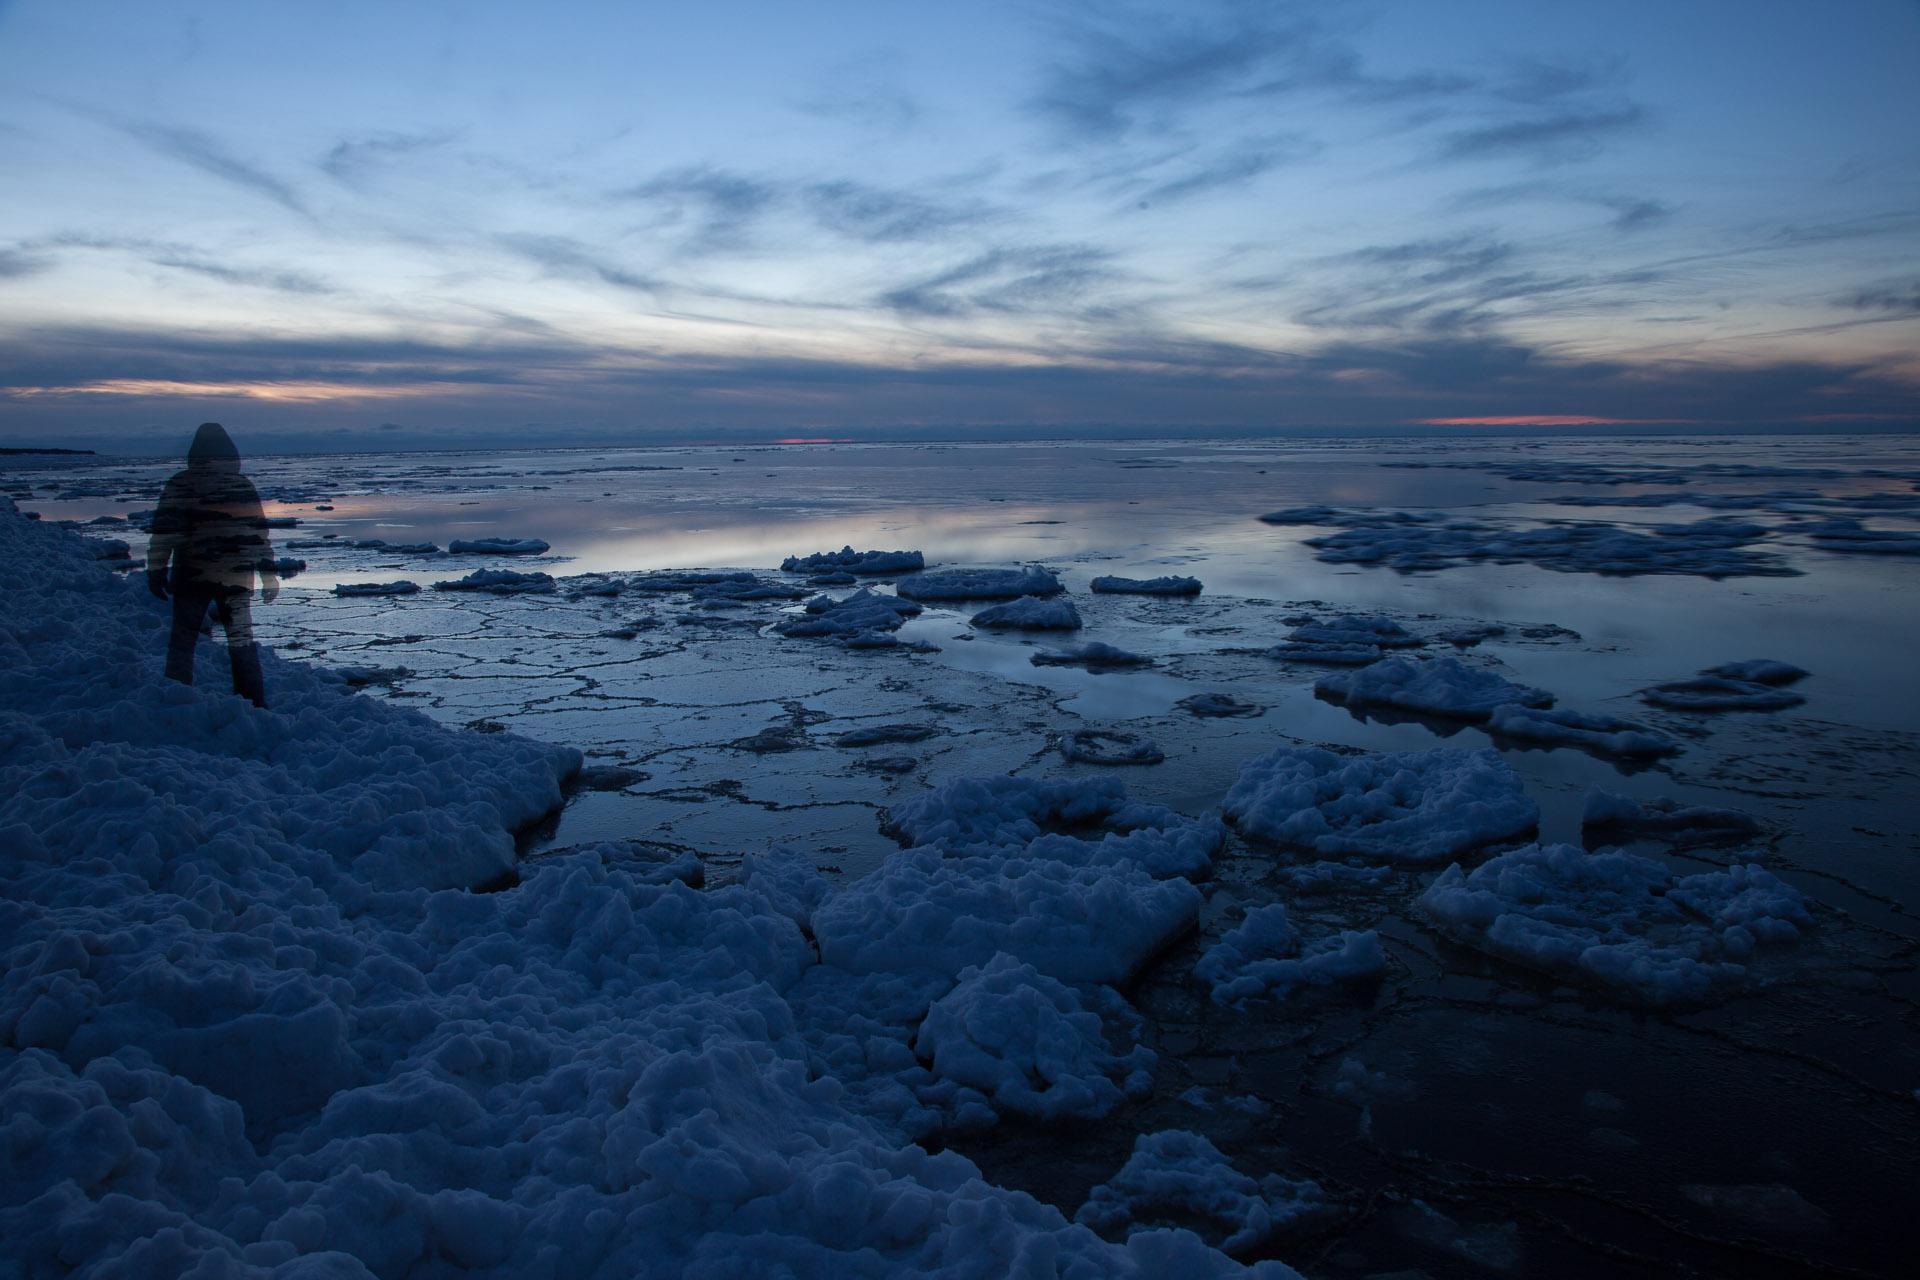 """O Mar Báltico, na Europa, serviu de cenário para a fotografia """"Autorretratos Além-Mar"""". Foto: Miro Soares"""